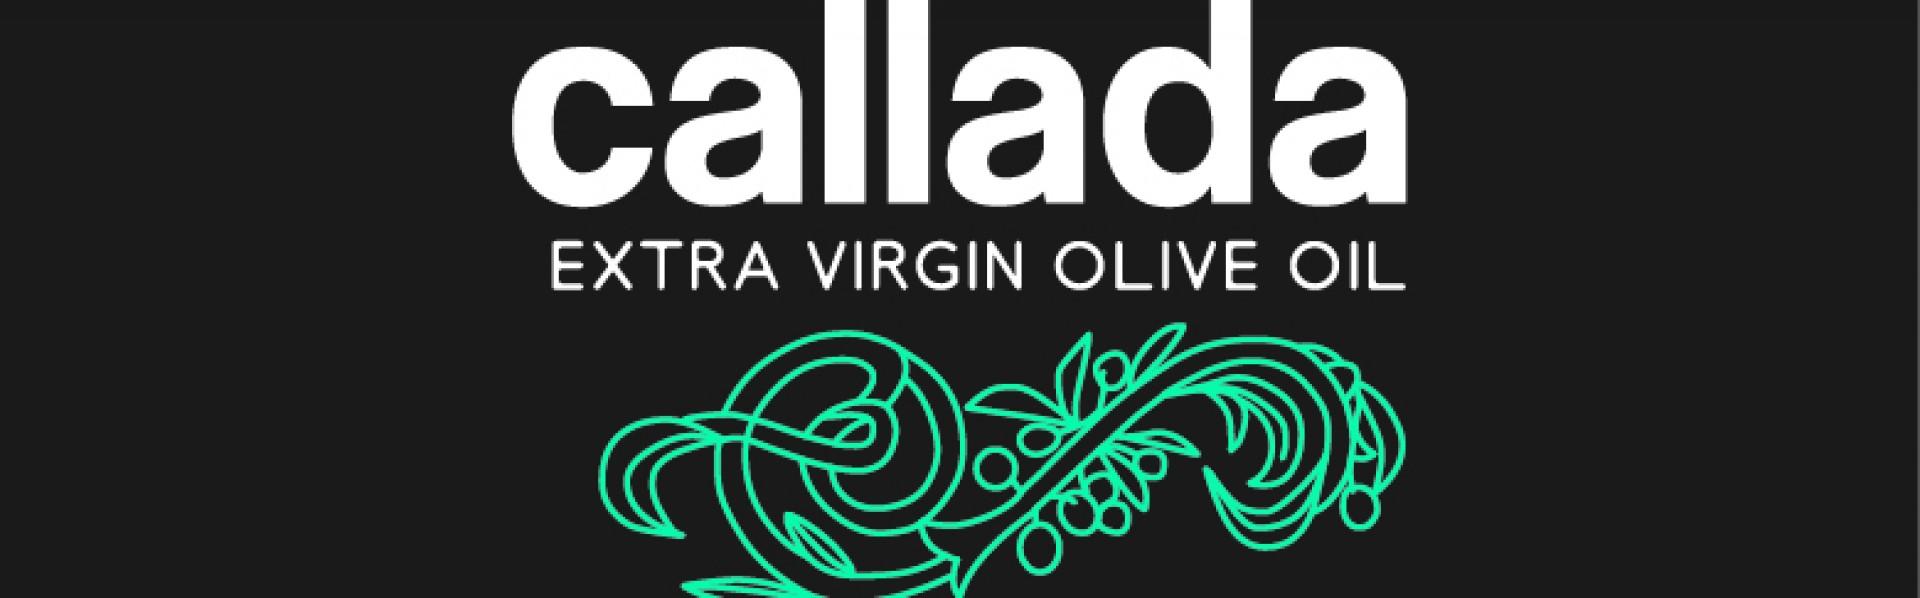 Blog de Tierra Callada AOVE